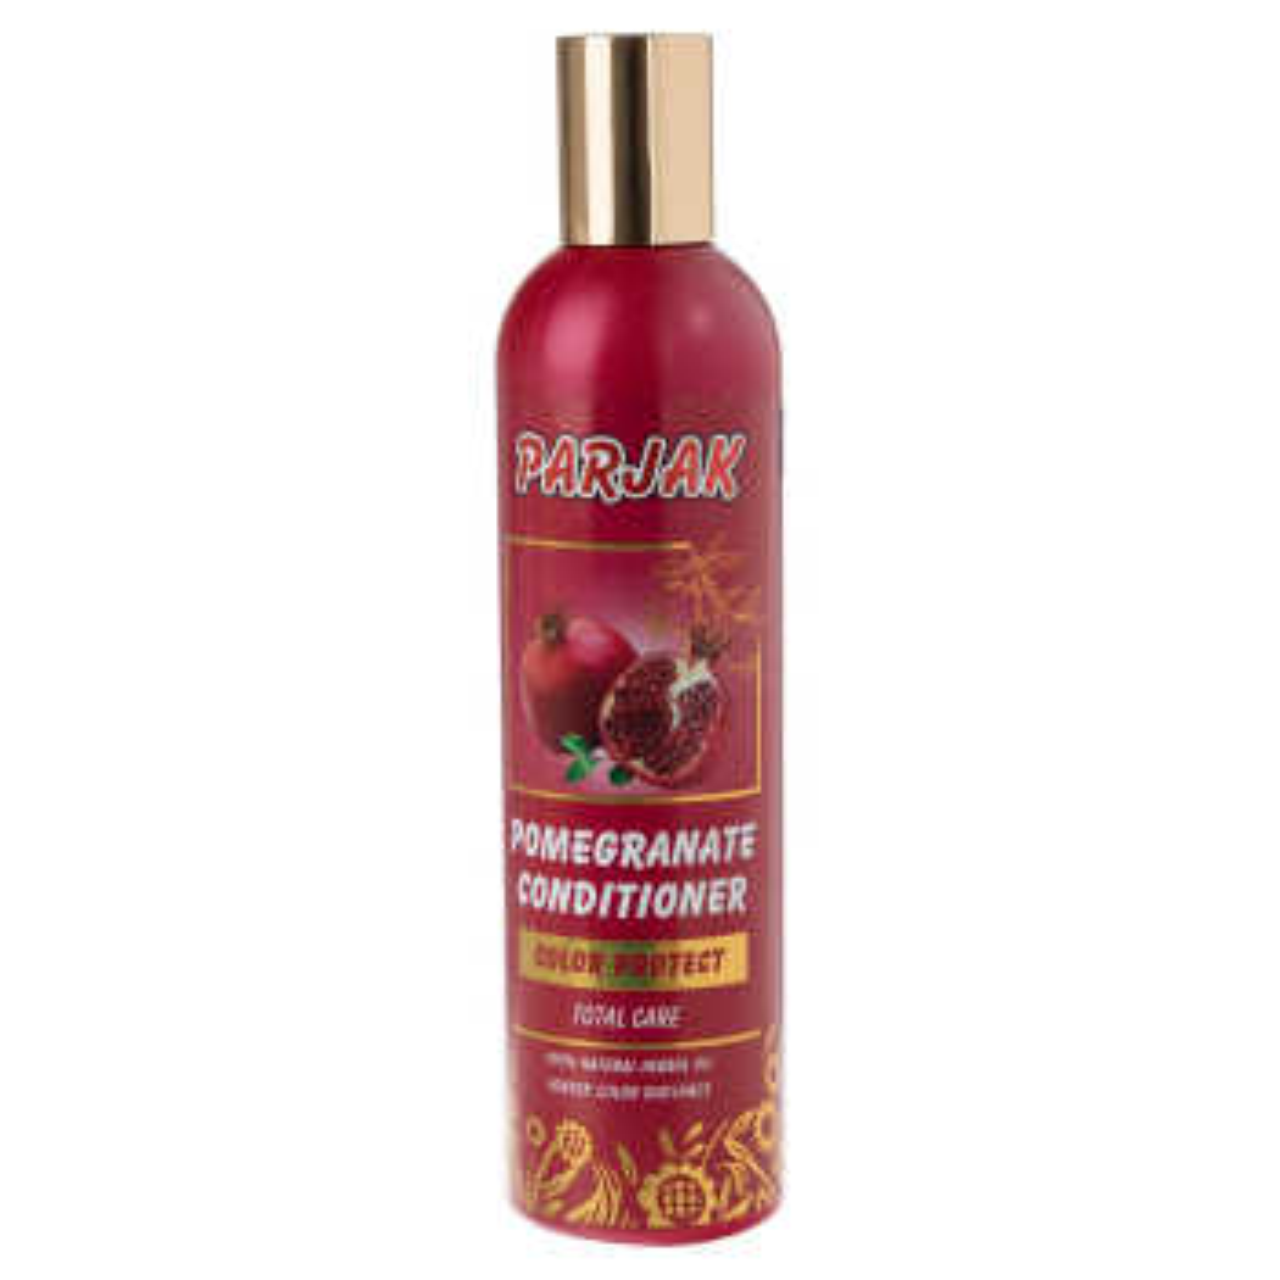 نرم کننده پرژک مدل Pomegranate حجم 280 میلی لیتر